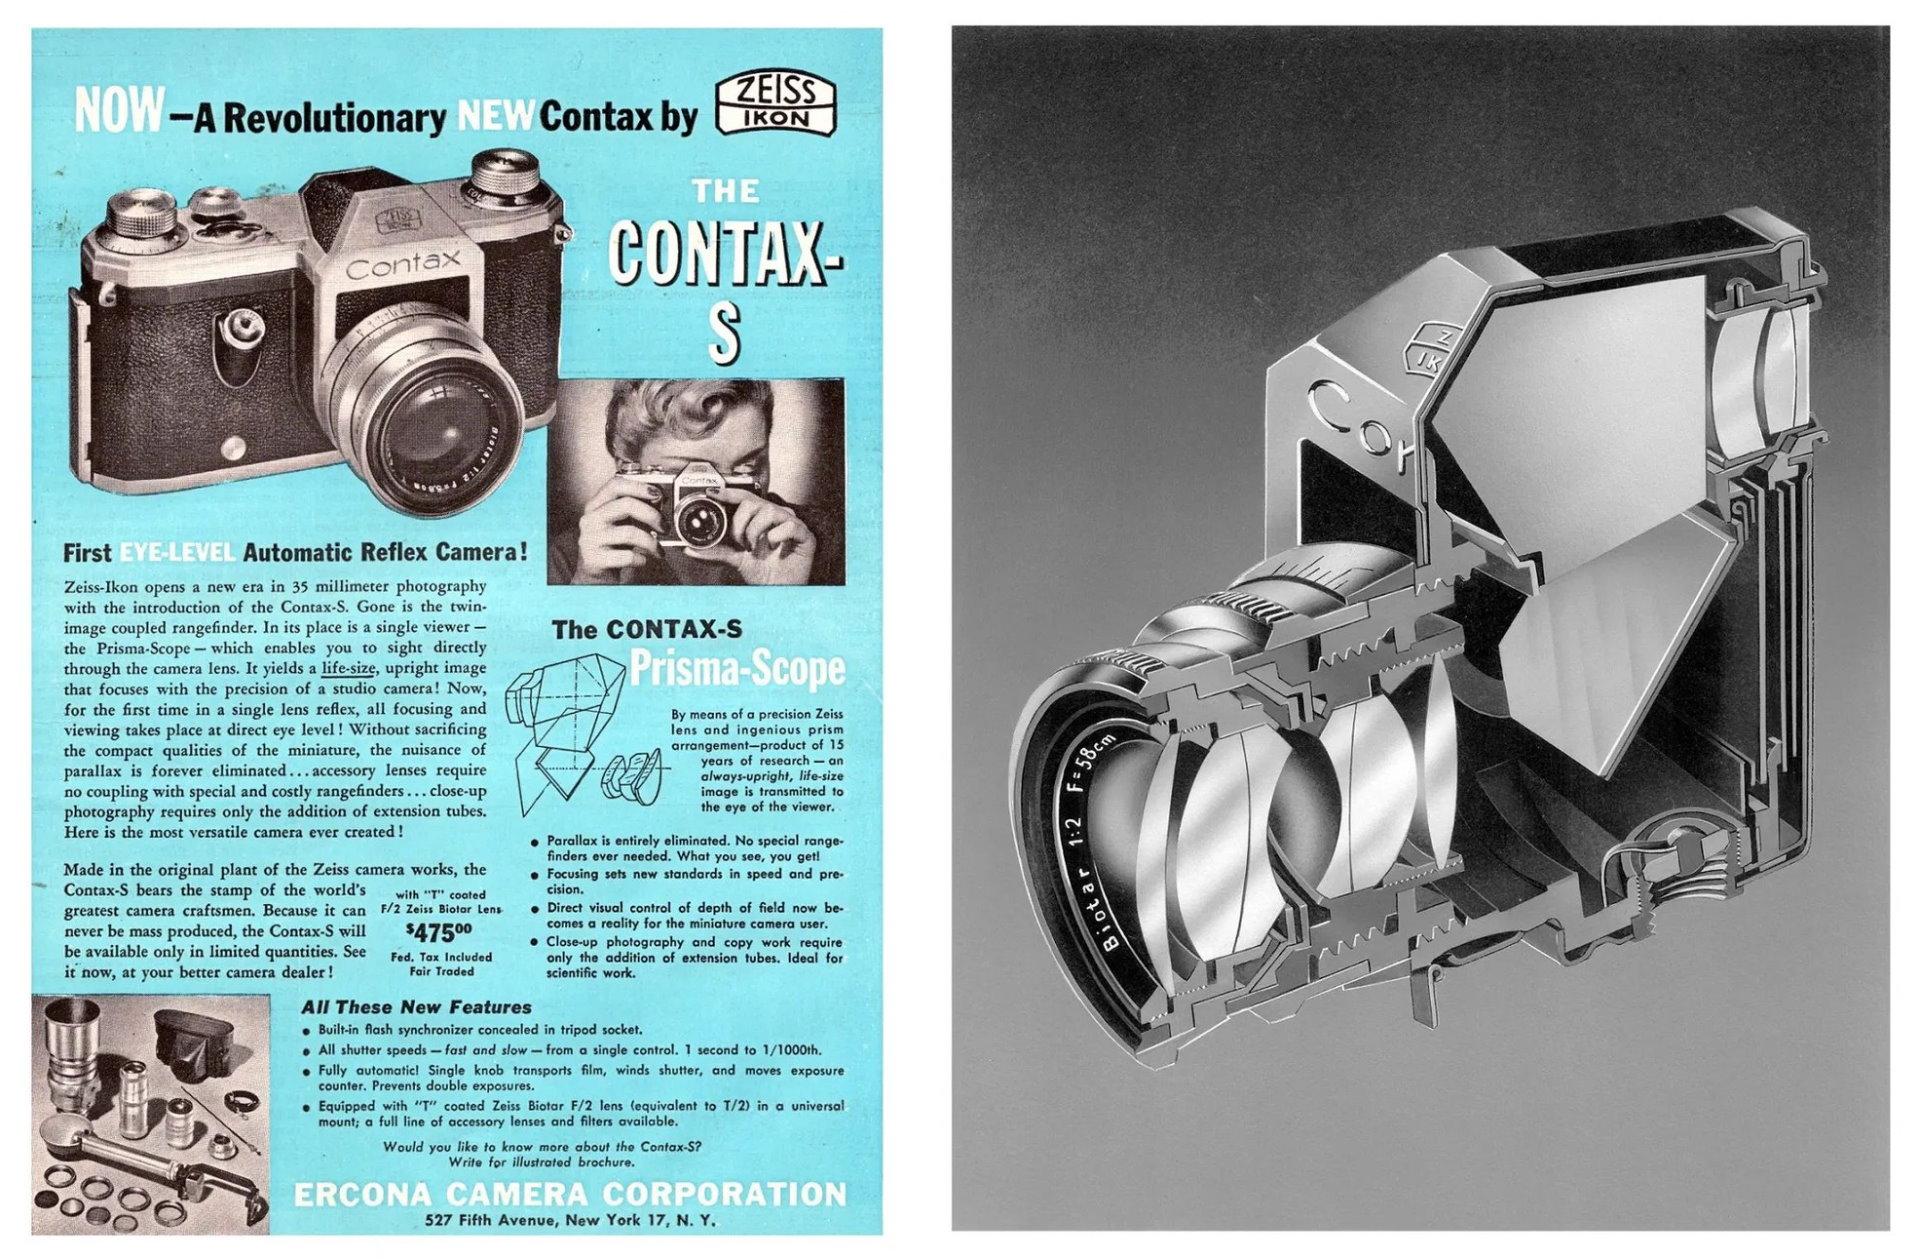 Biometar 58mm f/2 lens